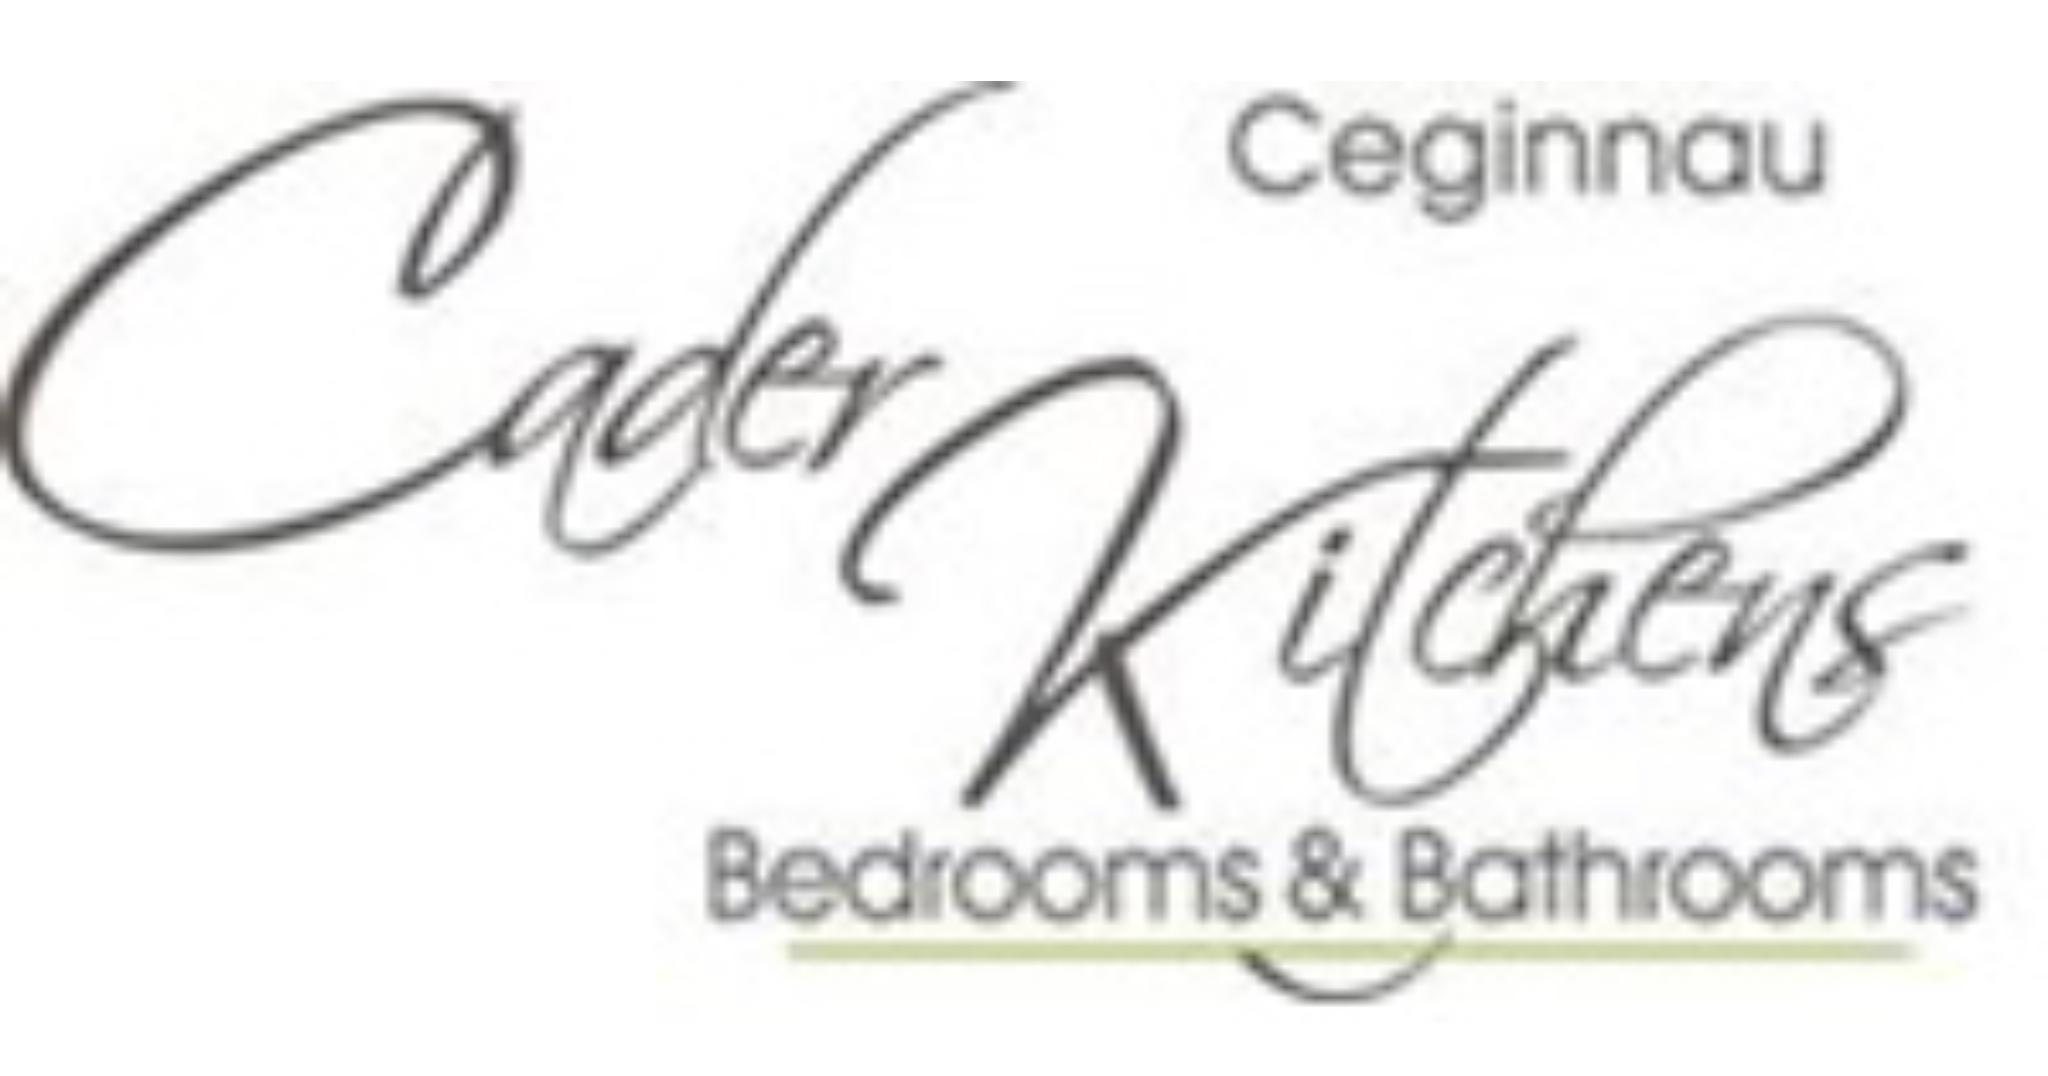 Cader Kitchens